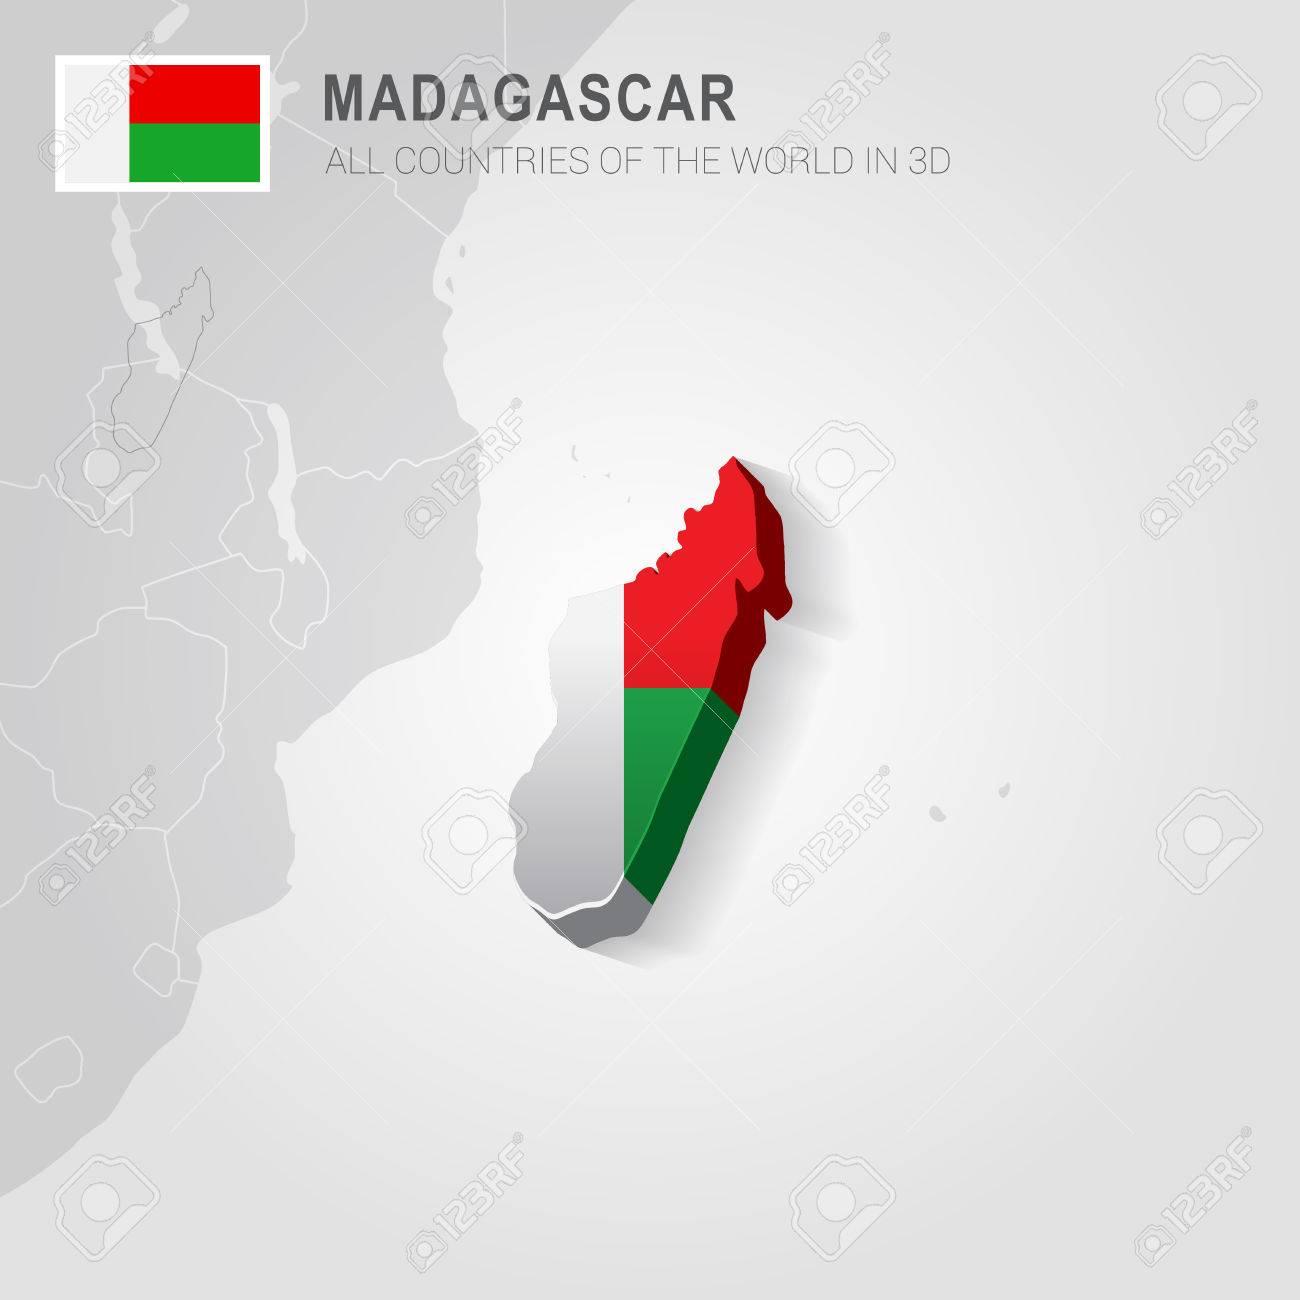 Carte Grise Madagascar.Madagascar Peint Avec Un Drapeau Dessine Sur Une Carte Grise